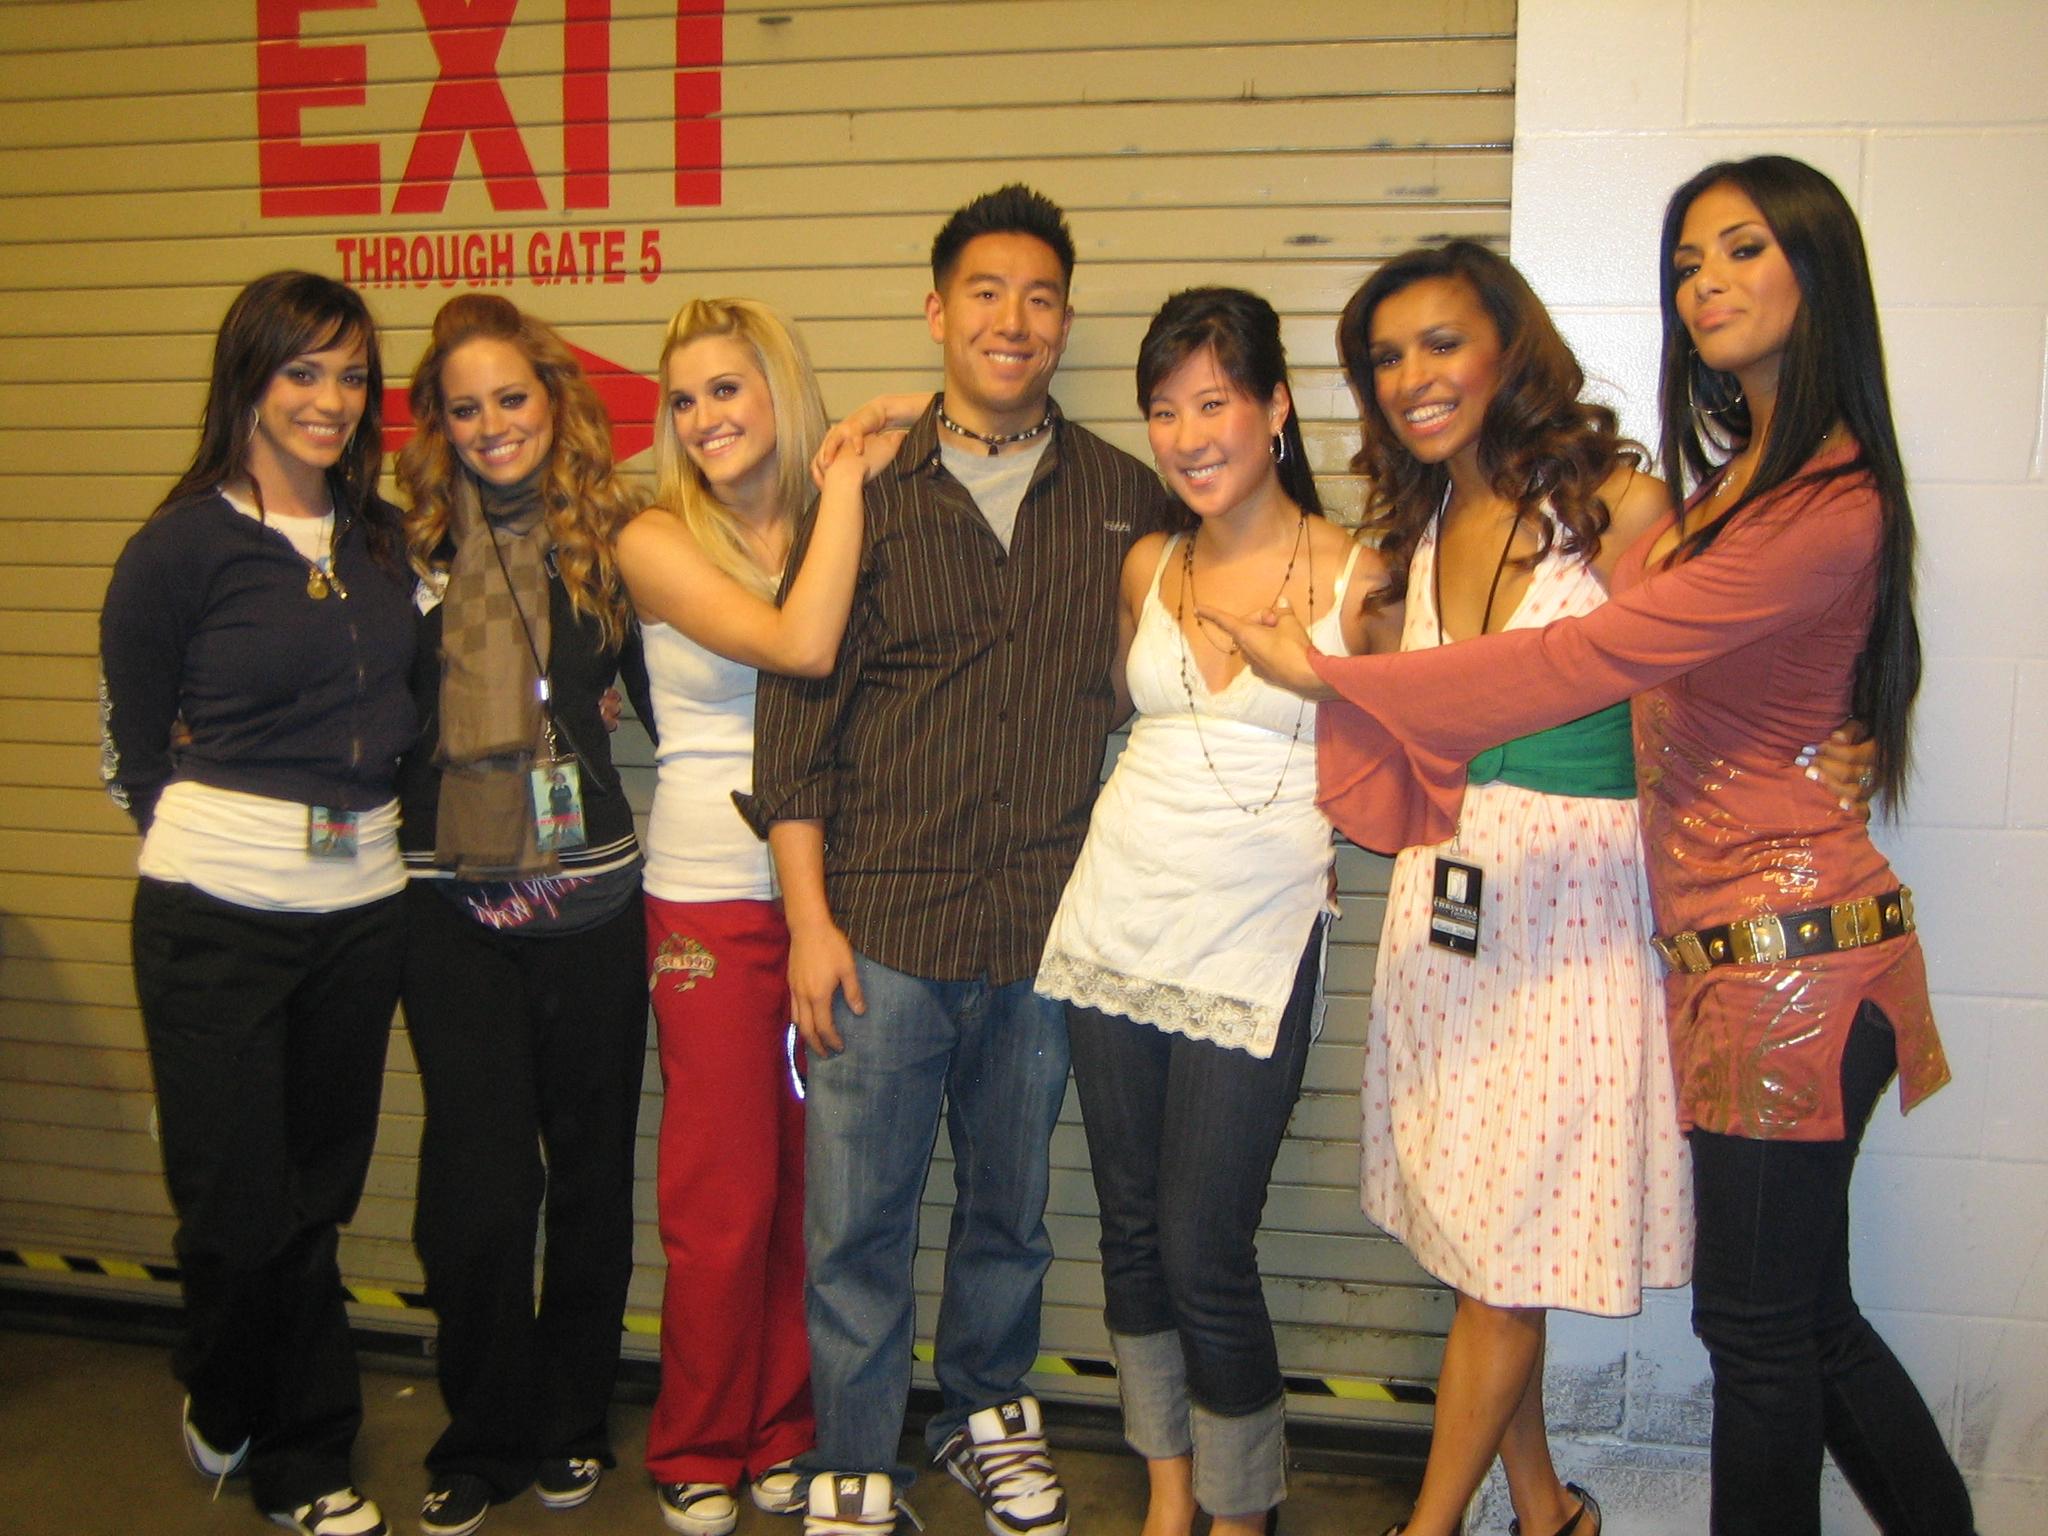 The Pussycat Dolls! 2007-03-12